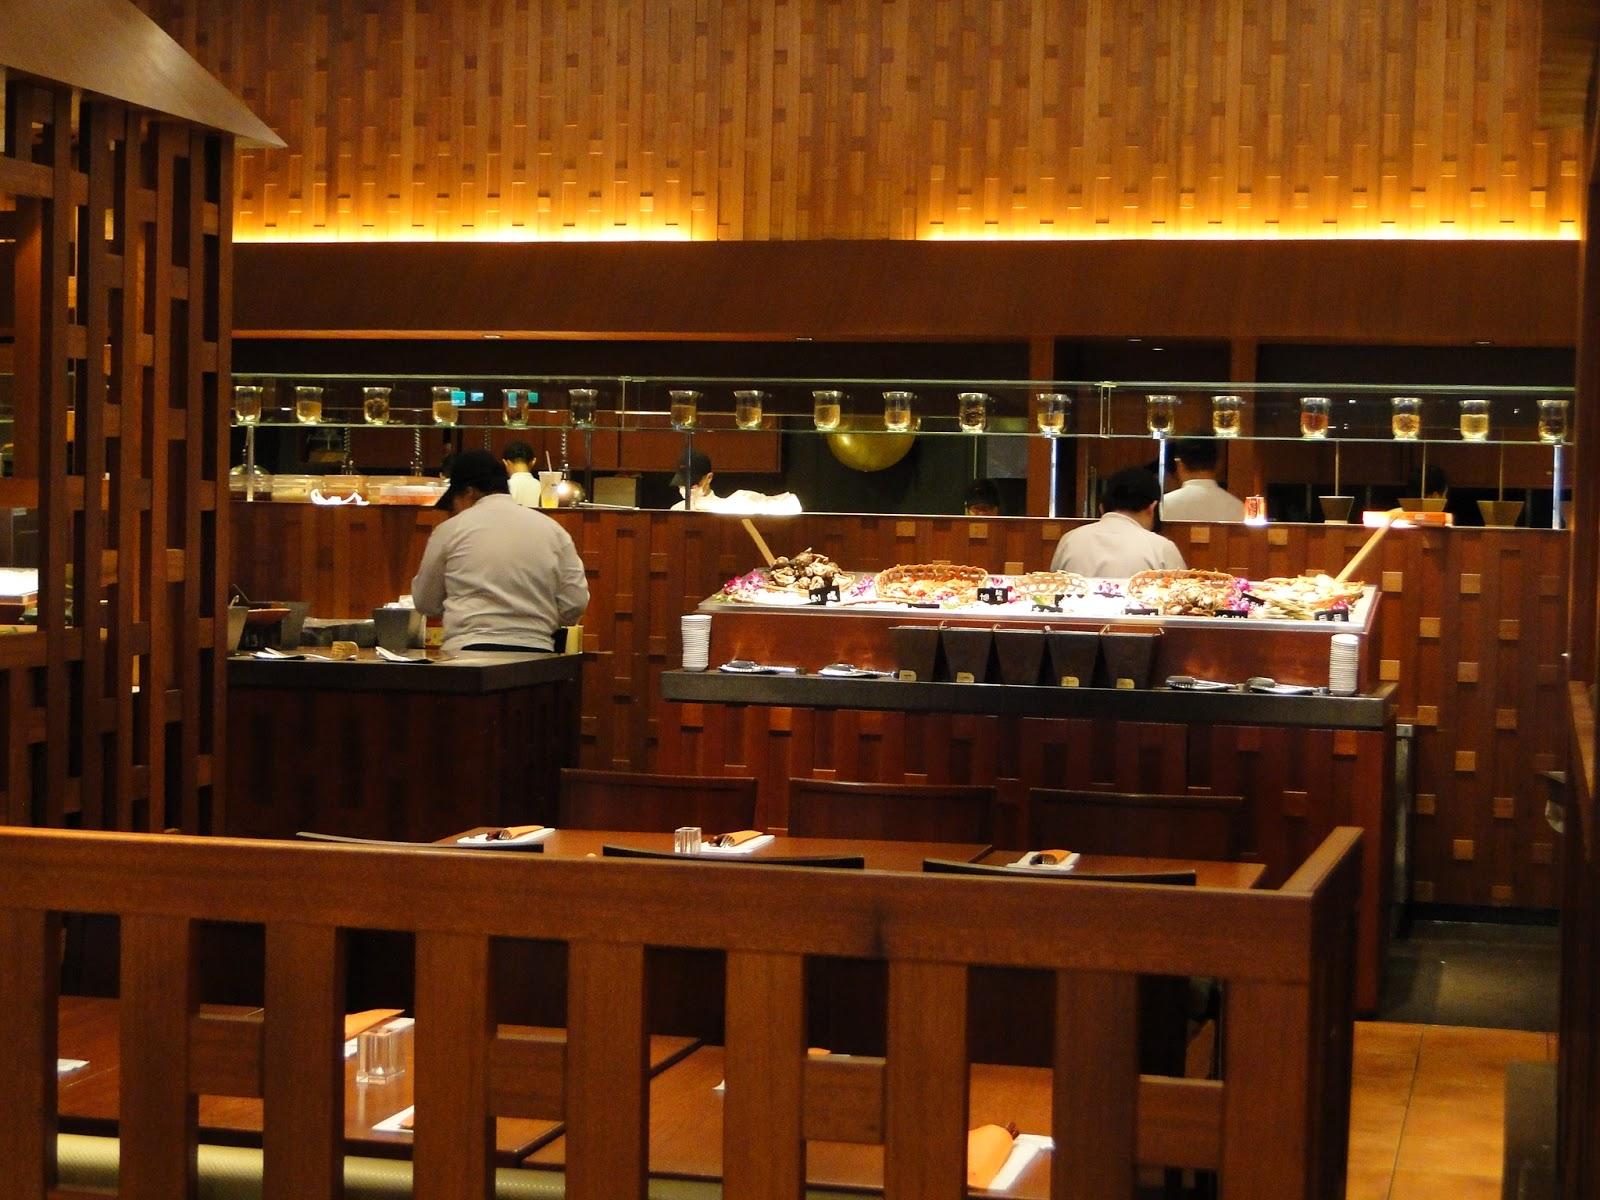 點滴旅誌: 2013 臺北淡水、泰市場美食 4 天遊 - Day 3